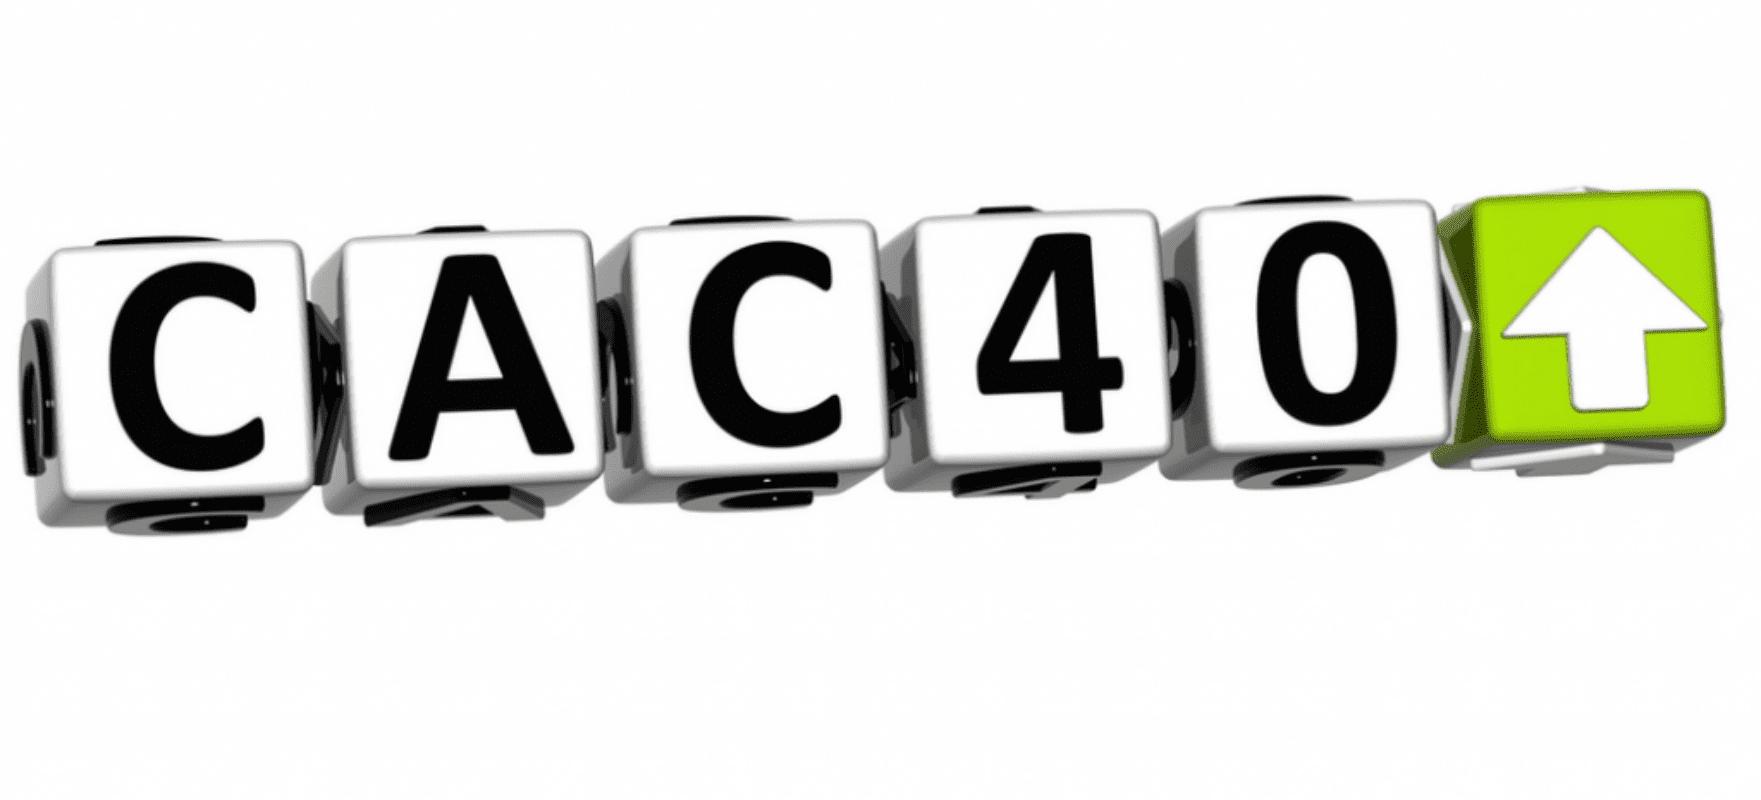 Что представляет собой индекс САС 40